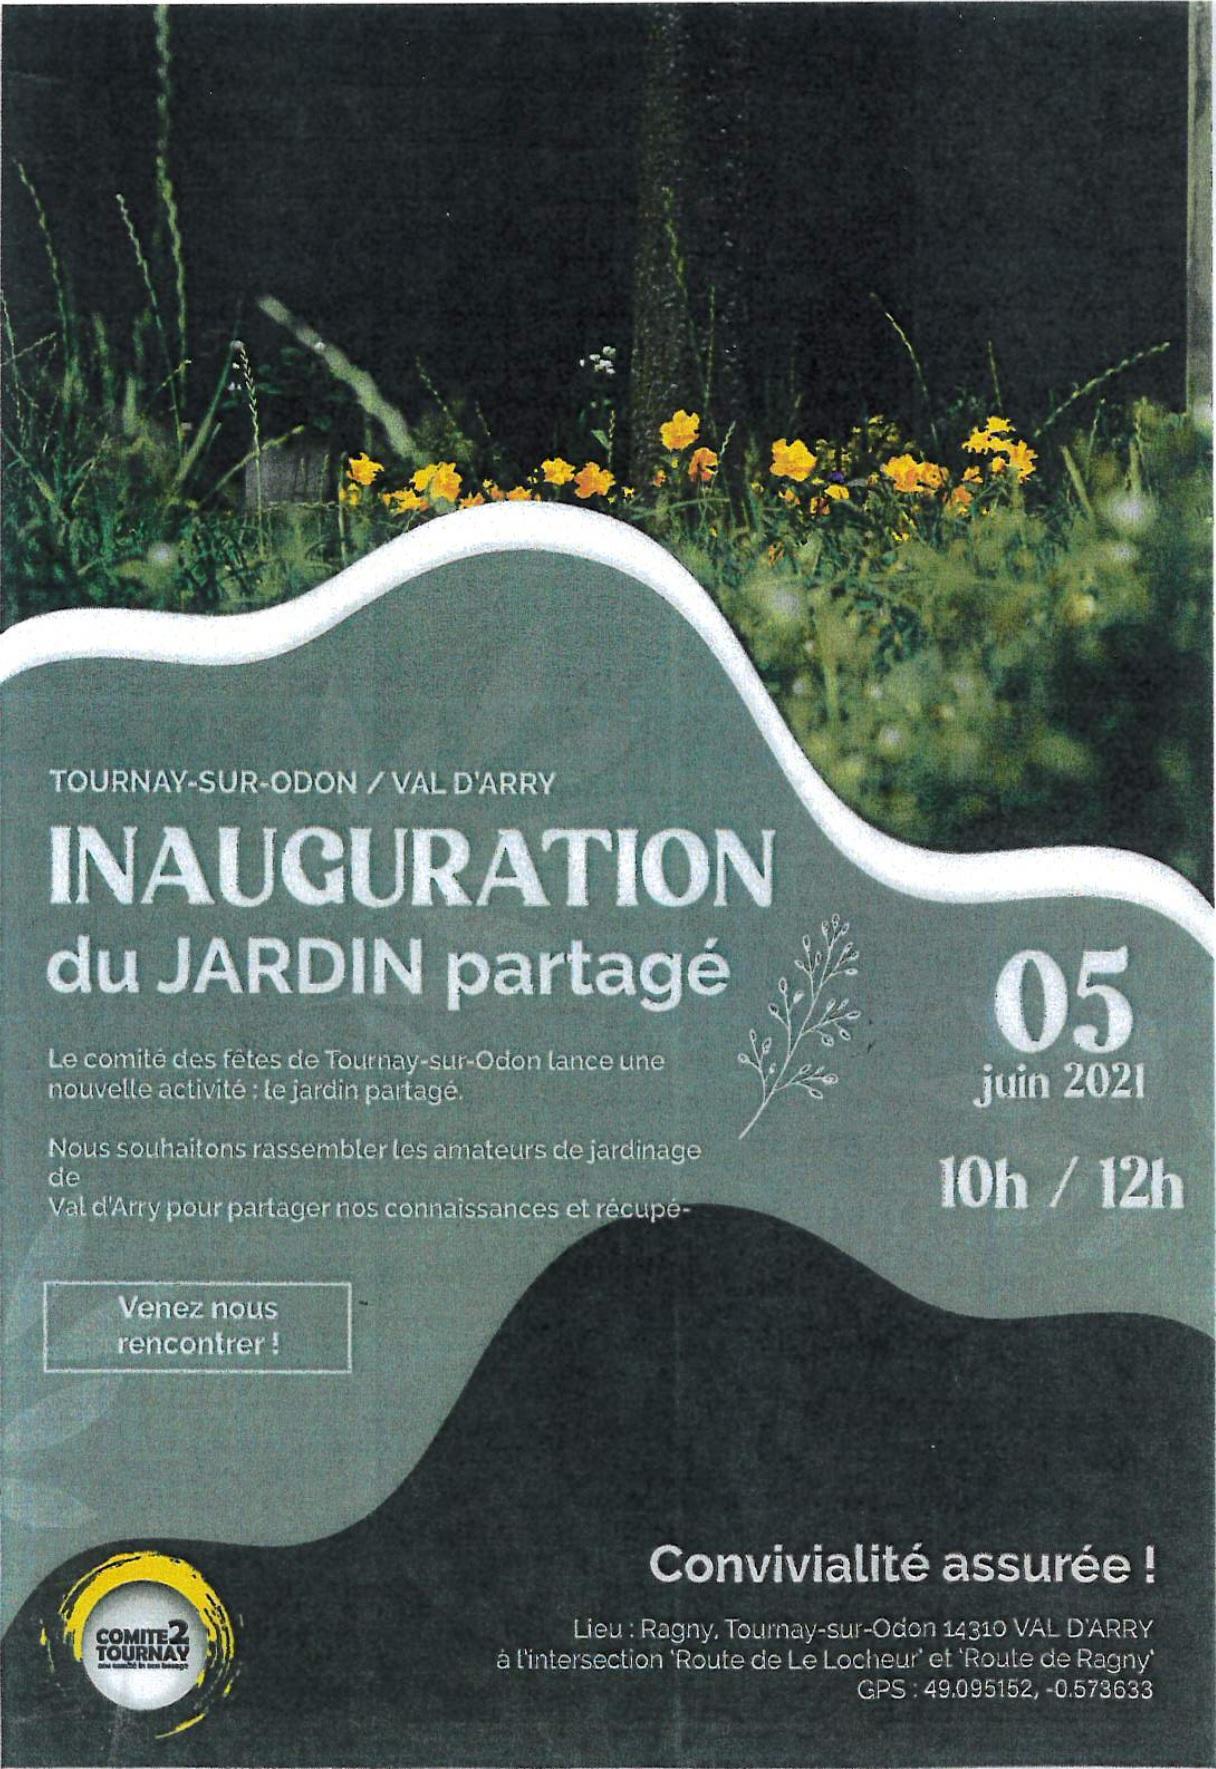 Inauguration du jardin partage du ccas du 05062021